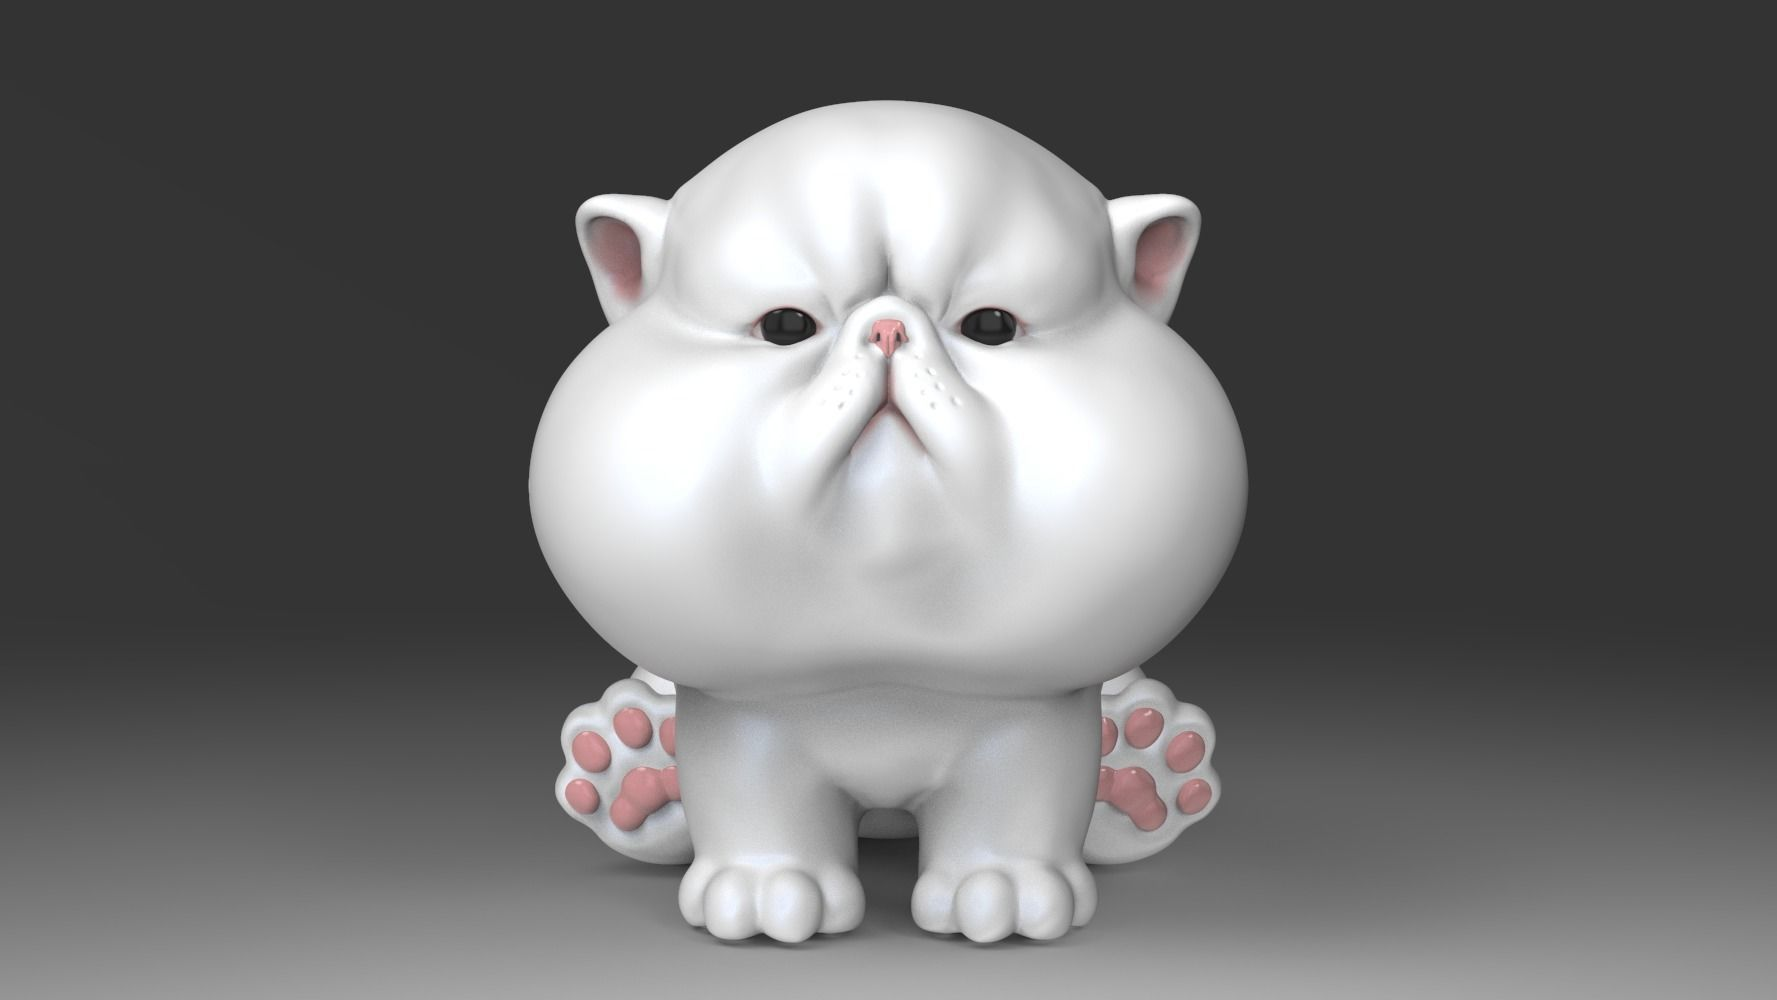 The Chubbiest Cheeks Cat